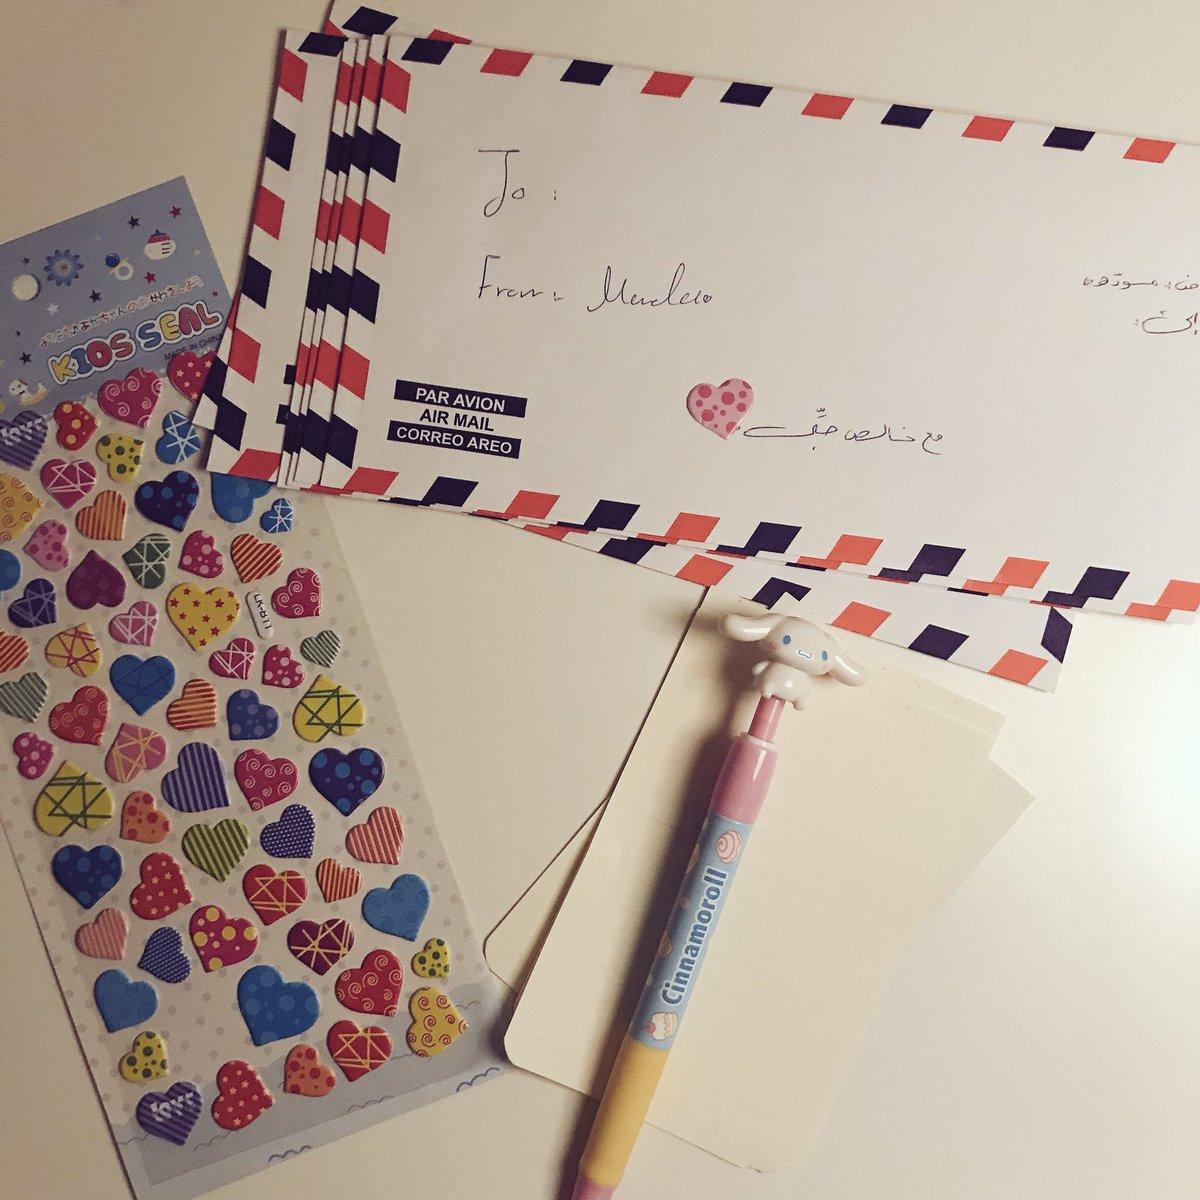 صورة رسائل جوال مجانية , ابعت رساله لحبايبك وصحابك واهلك